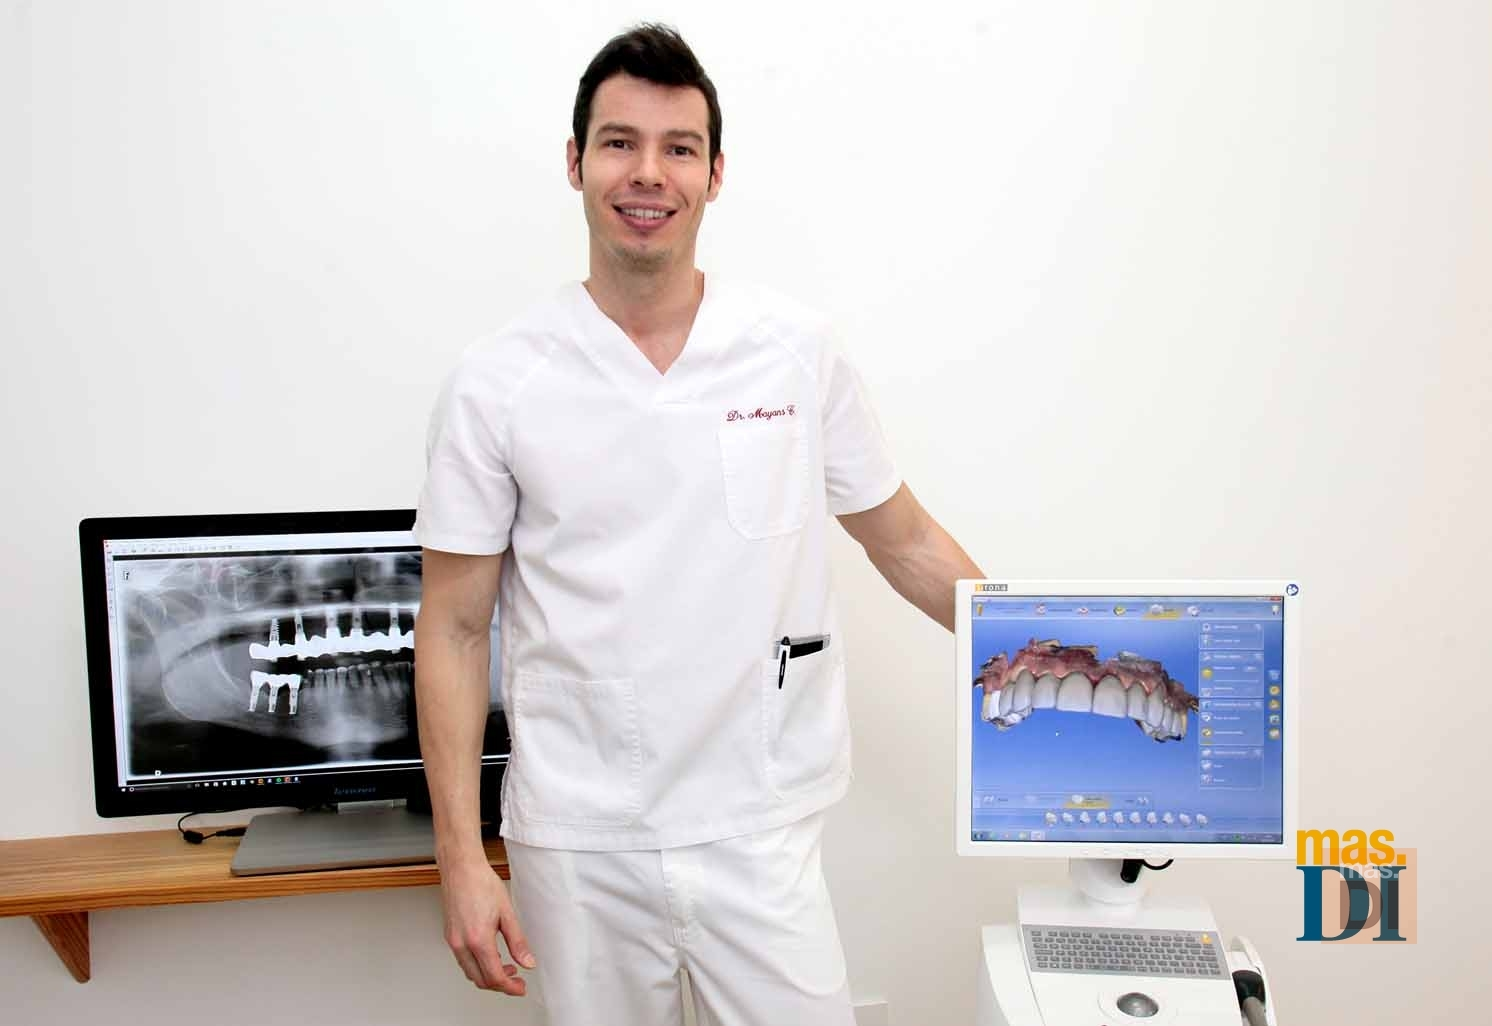 Mariano Mayans Calvo, odontólogo: «La informática tiene un papel muy importante en la odontología»